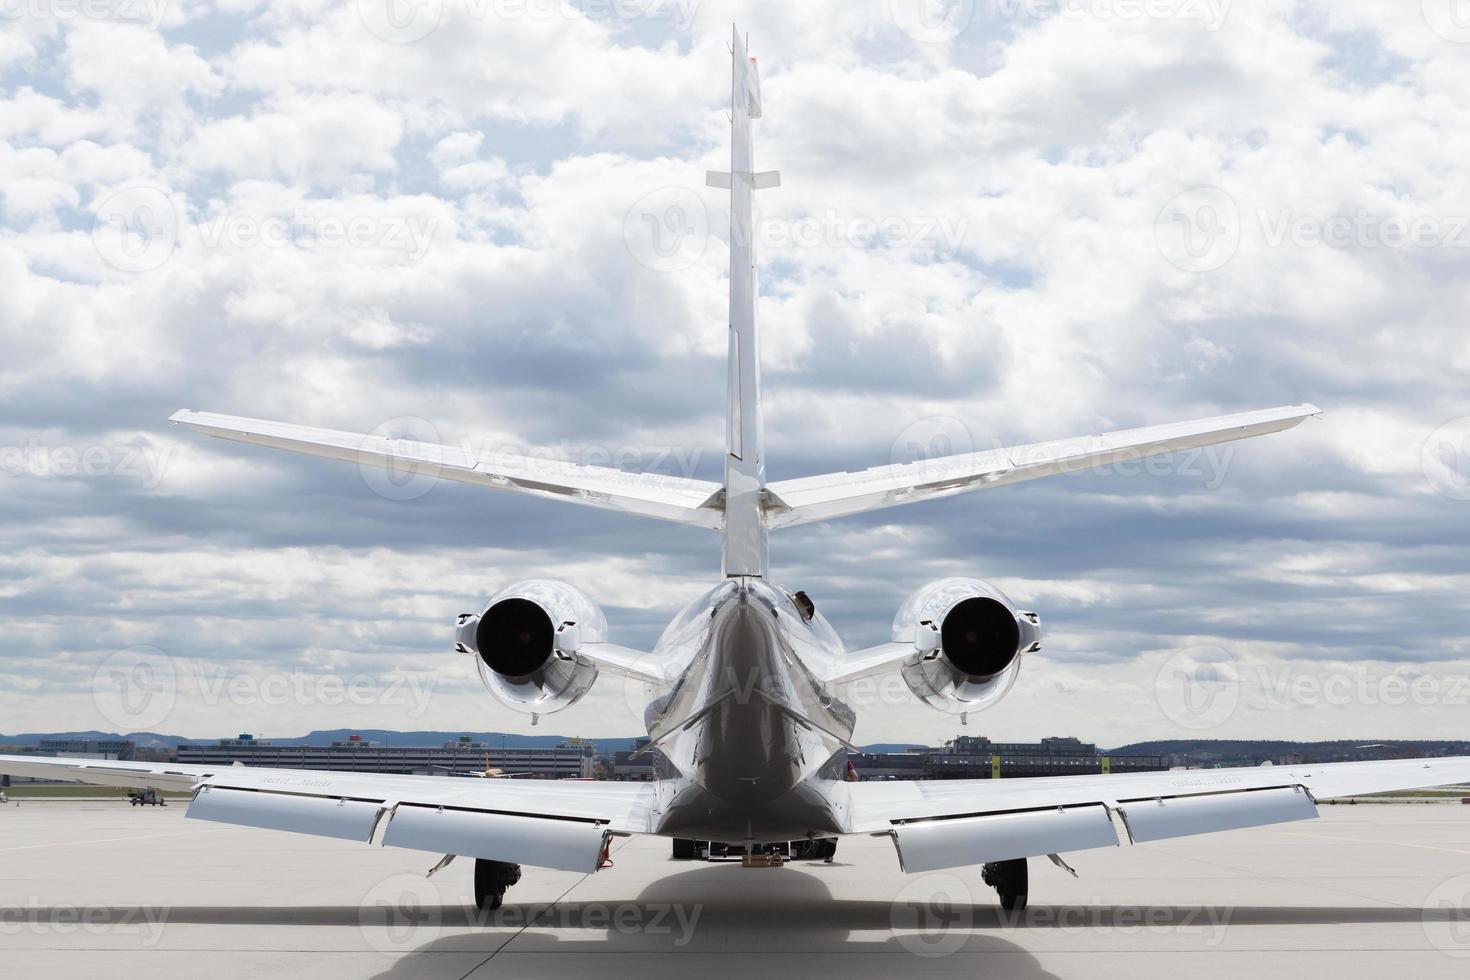 avion Learjet avion en face de l'aéroport avec ciel nuageux photo